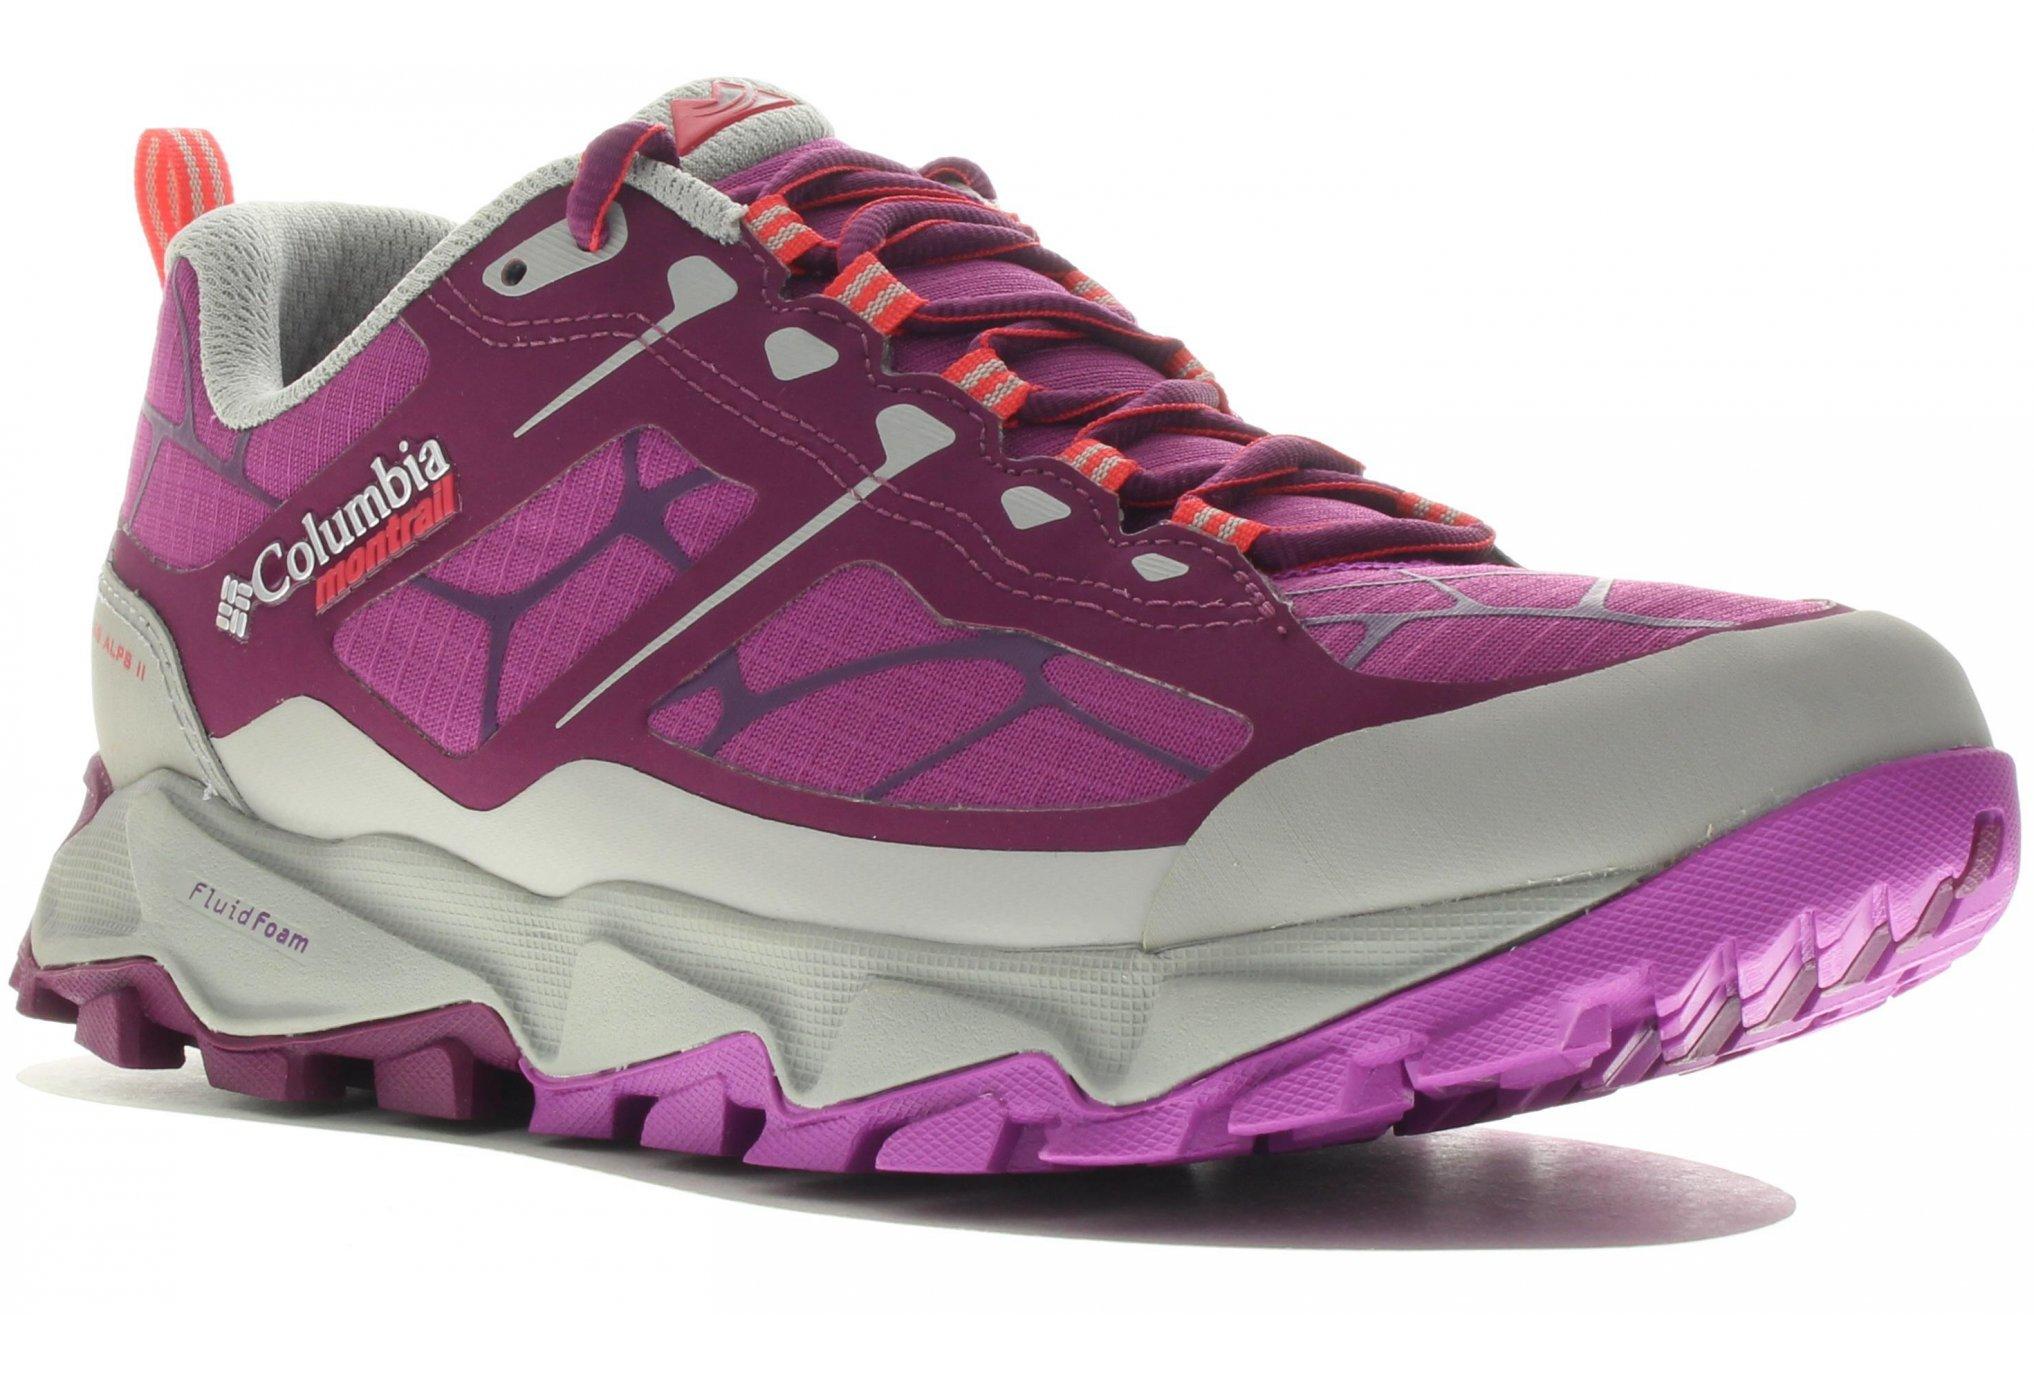 Columbia Montrail Trans Alps II W Diététique Chaussures femme